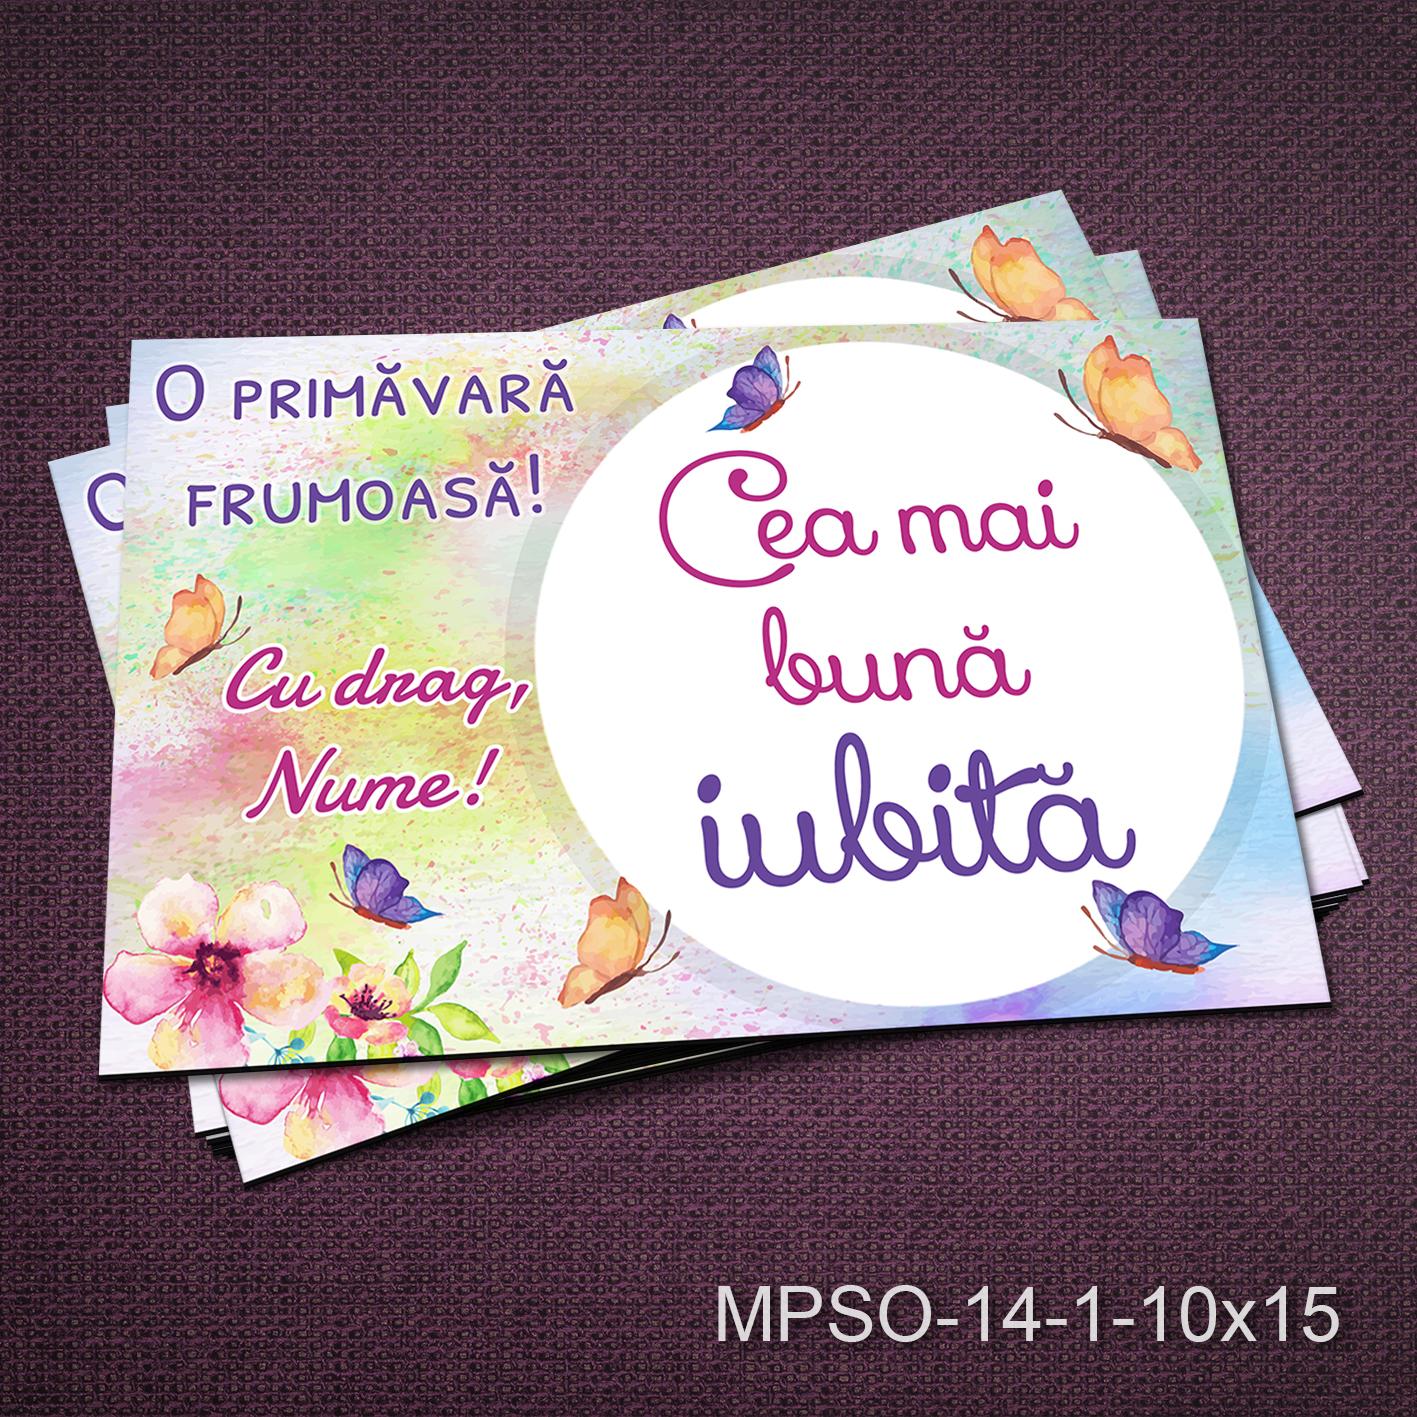 Felicitare magnetica - cea mai buna iubita - MPSO-14-1-10x15